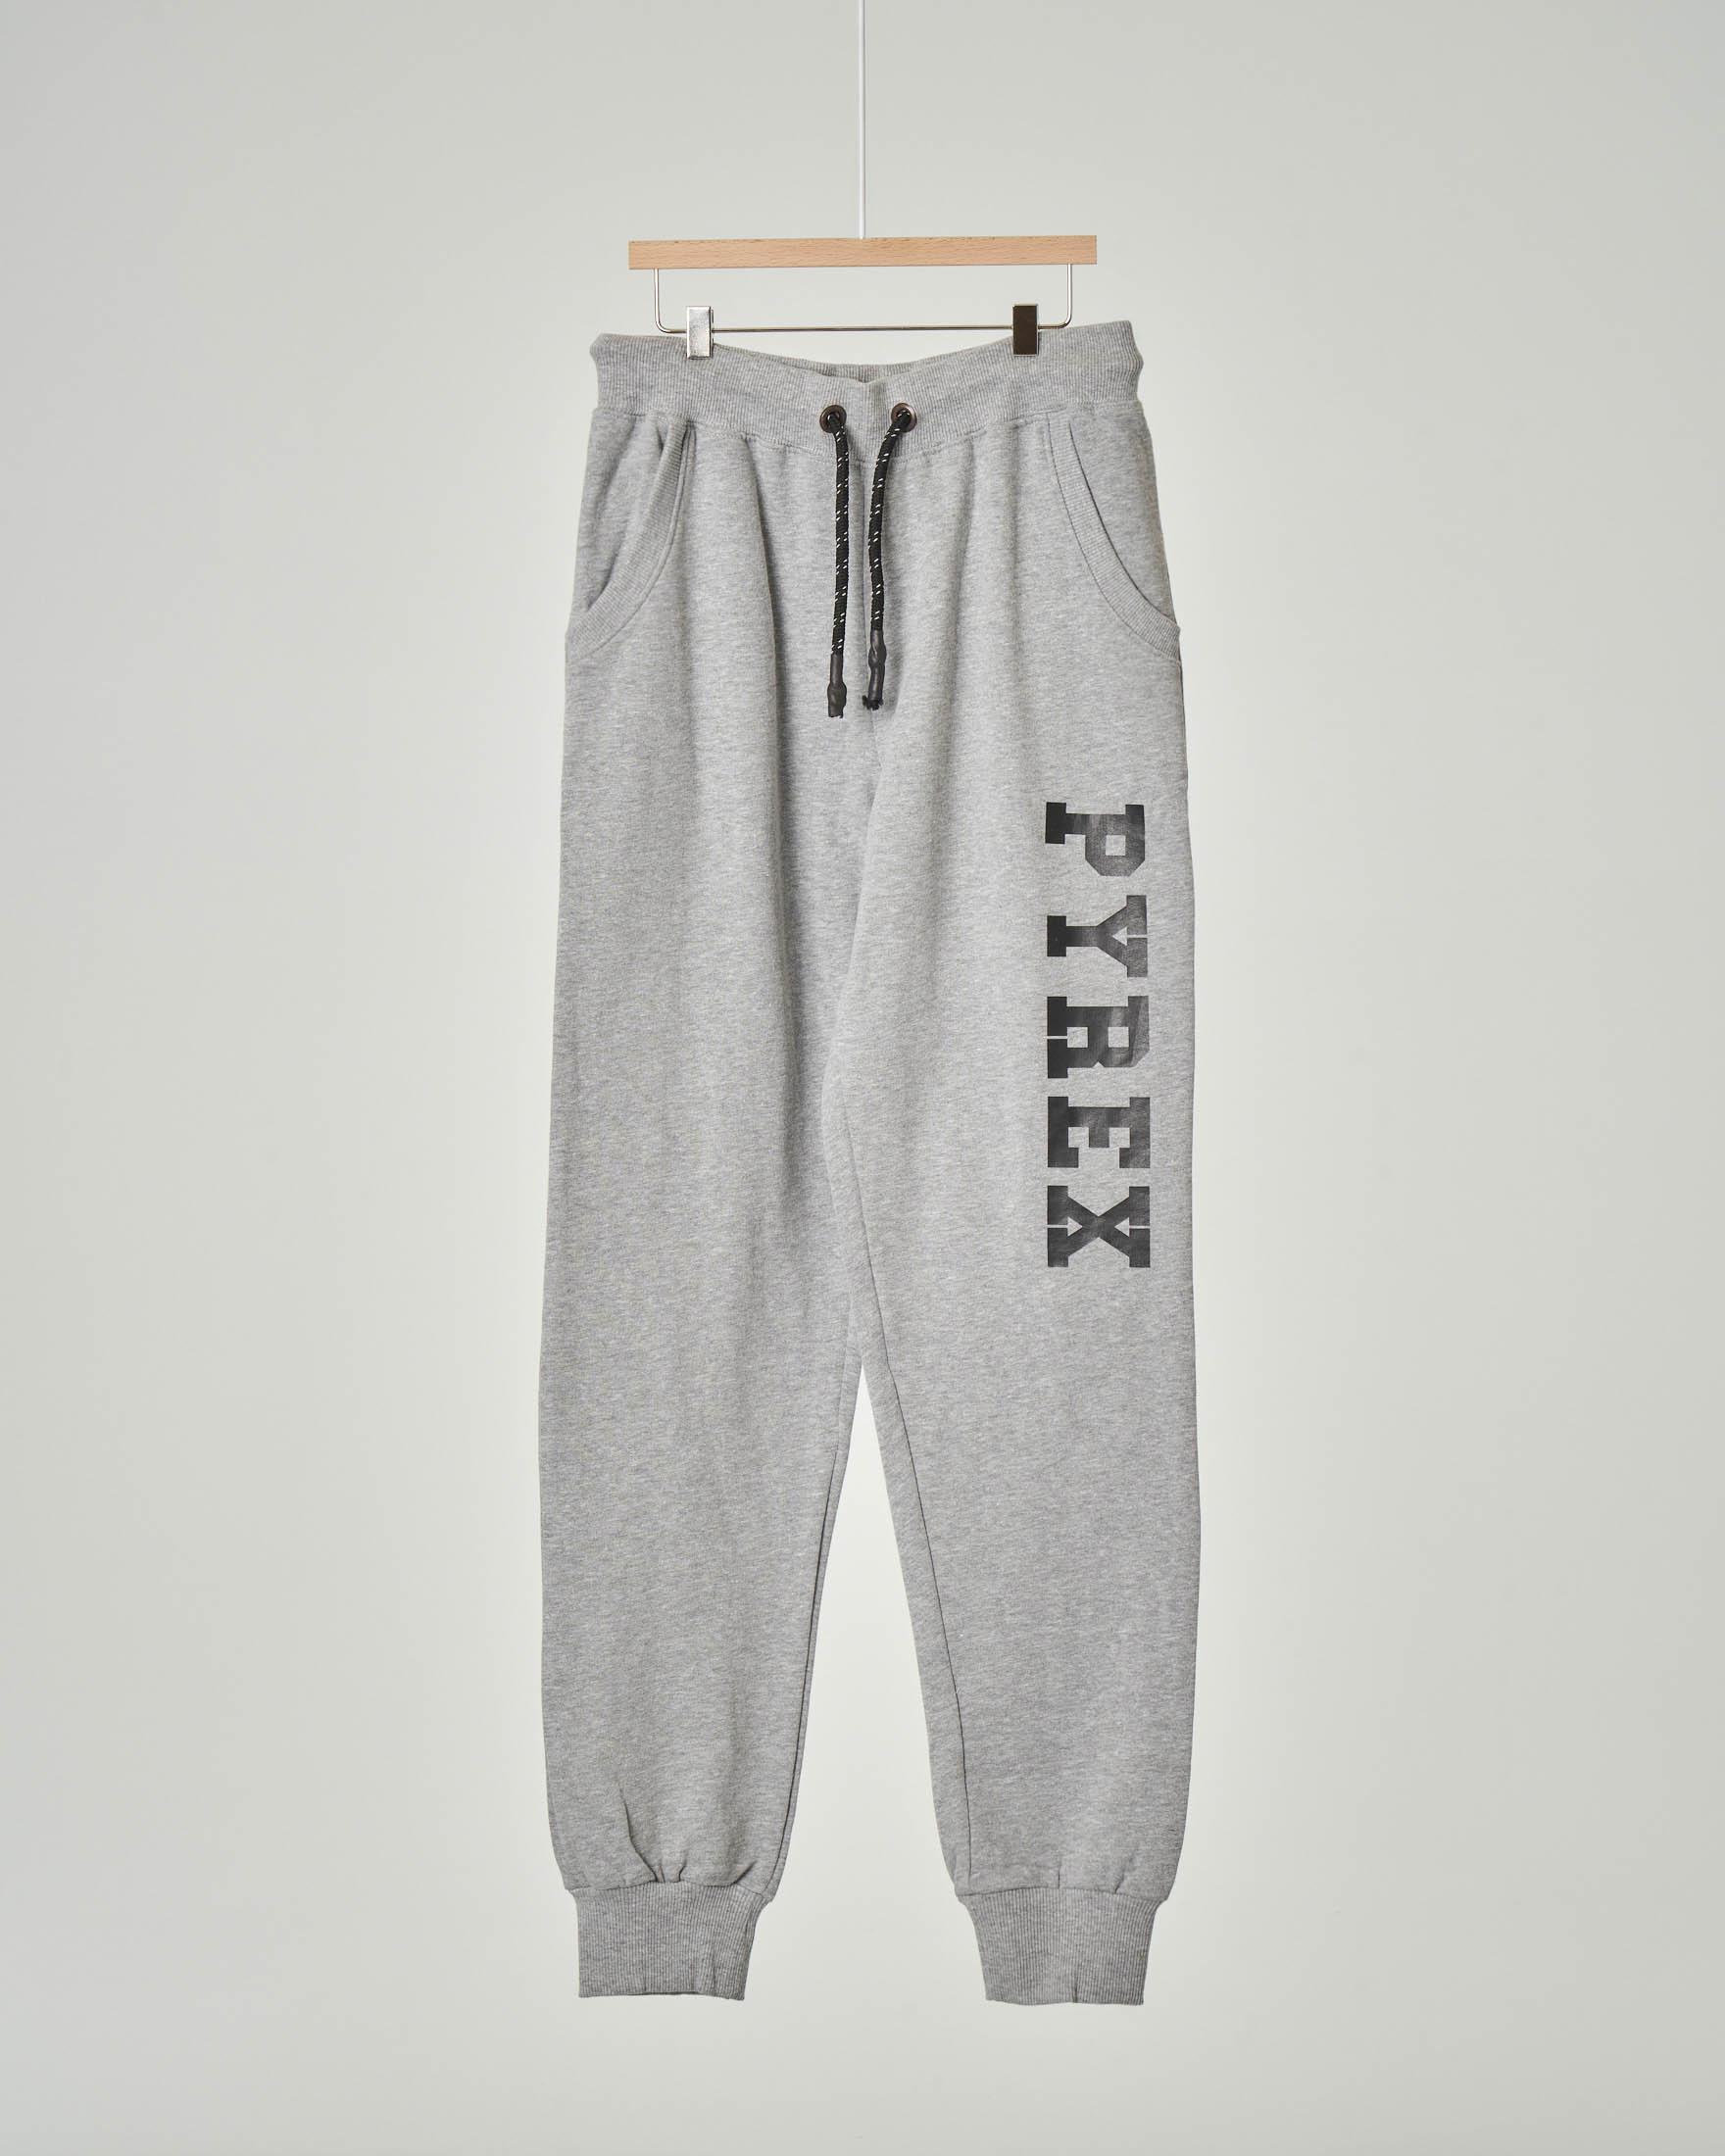 Pantalone grigio in felpa con logo nero lungo la gamba XS-2XL